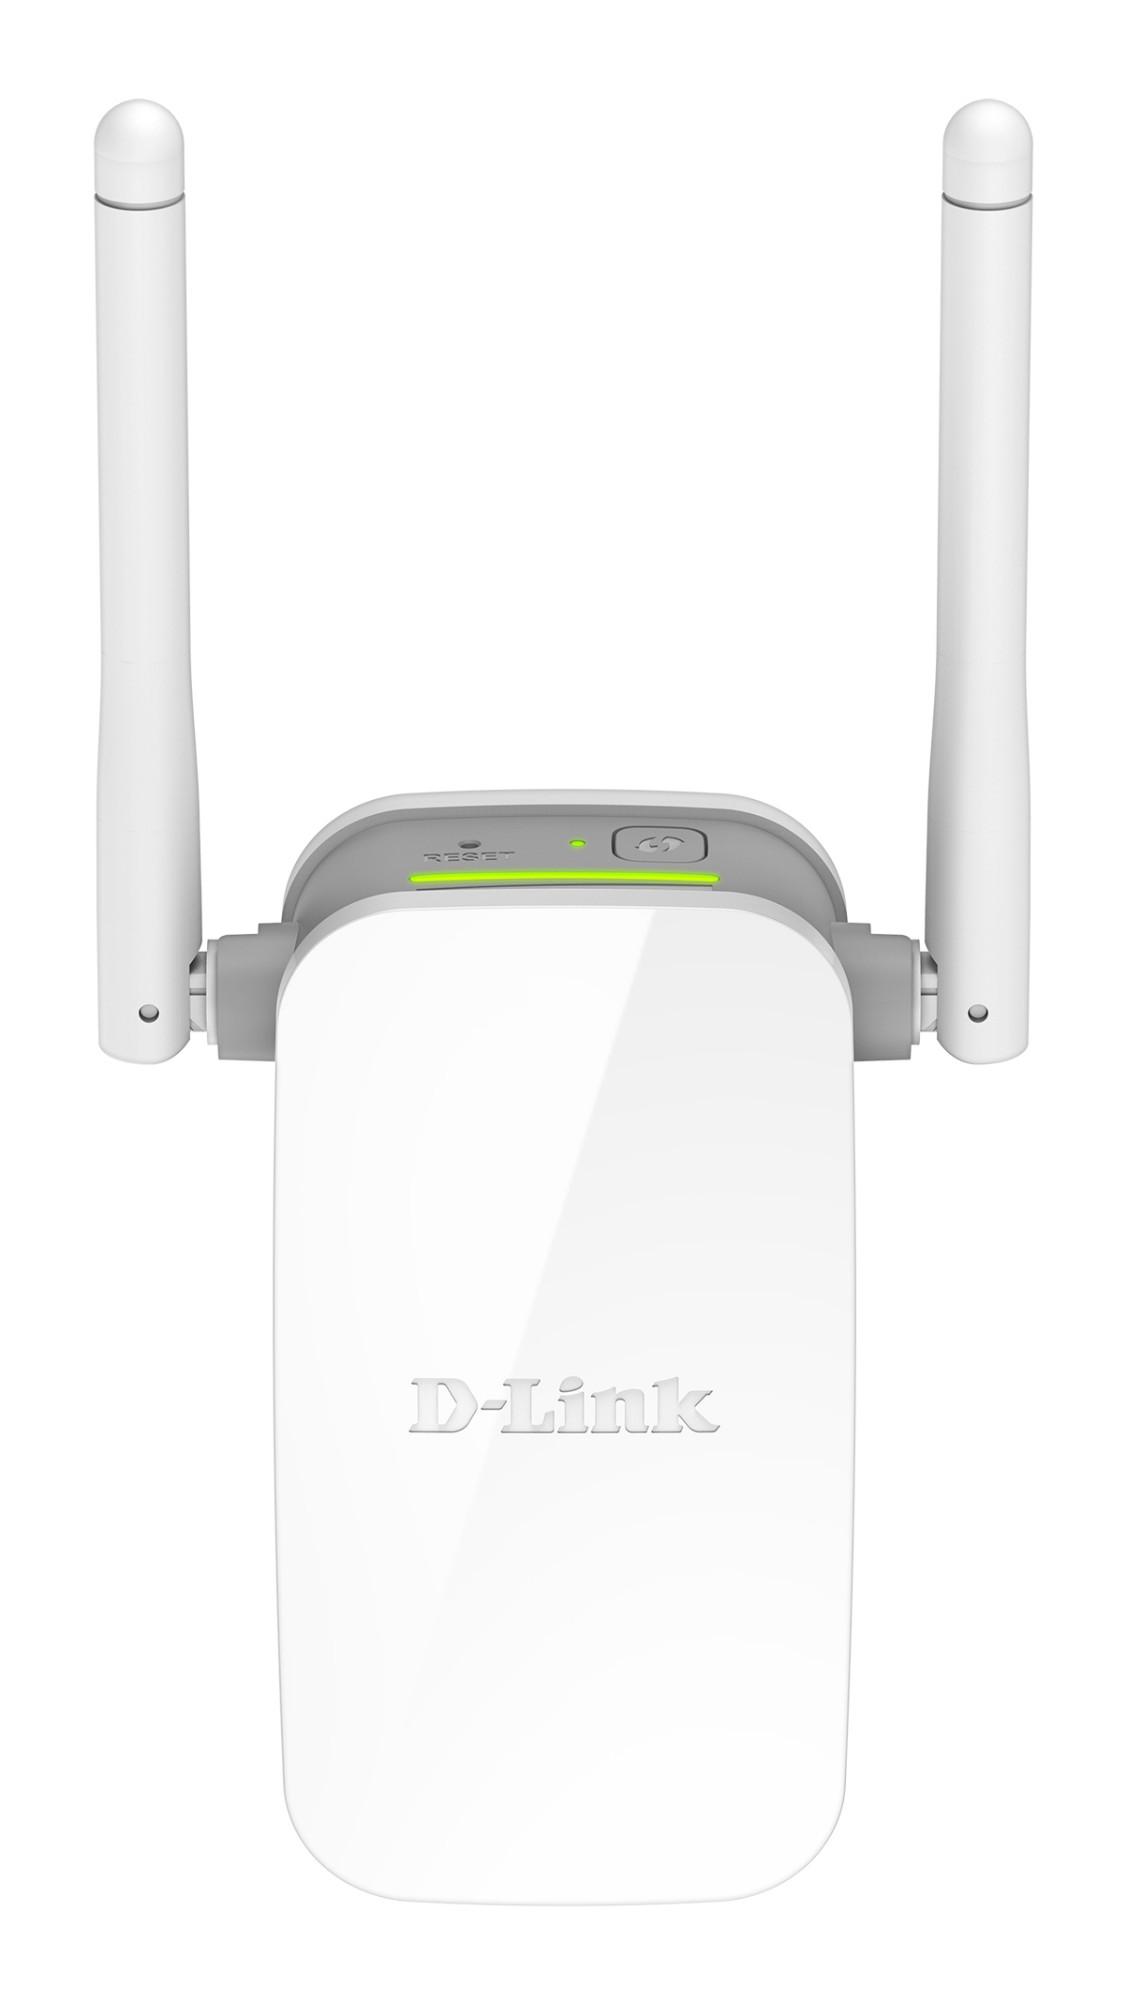 D-Link N300 Repetidor de red 10,100 Mbit/s Gris, Blanco